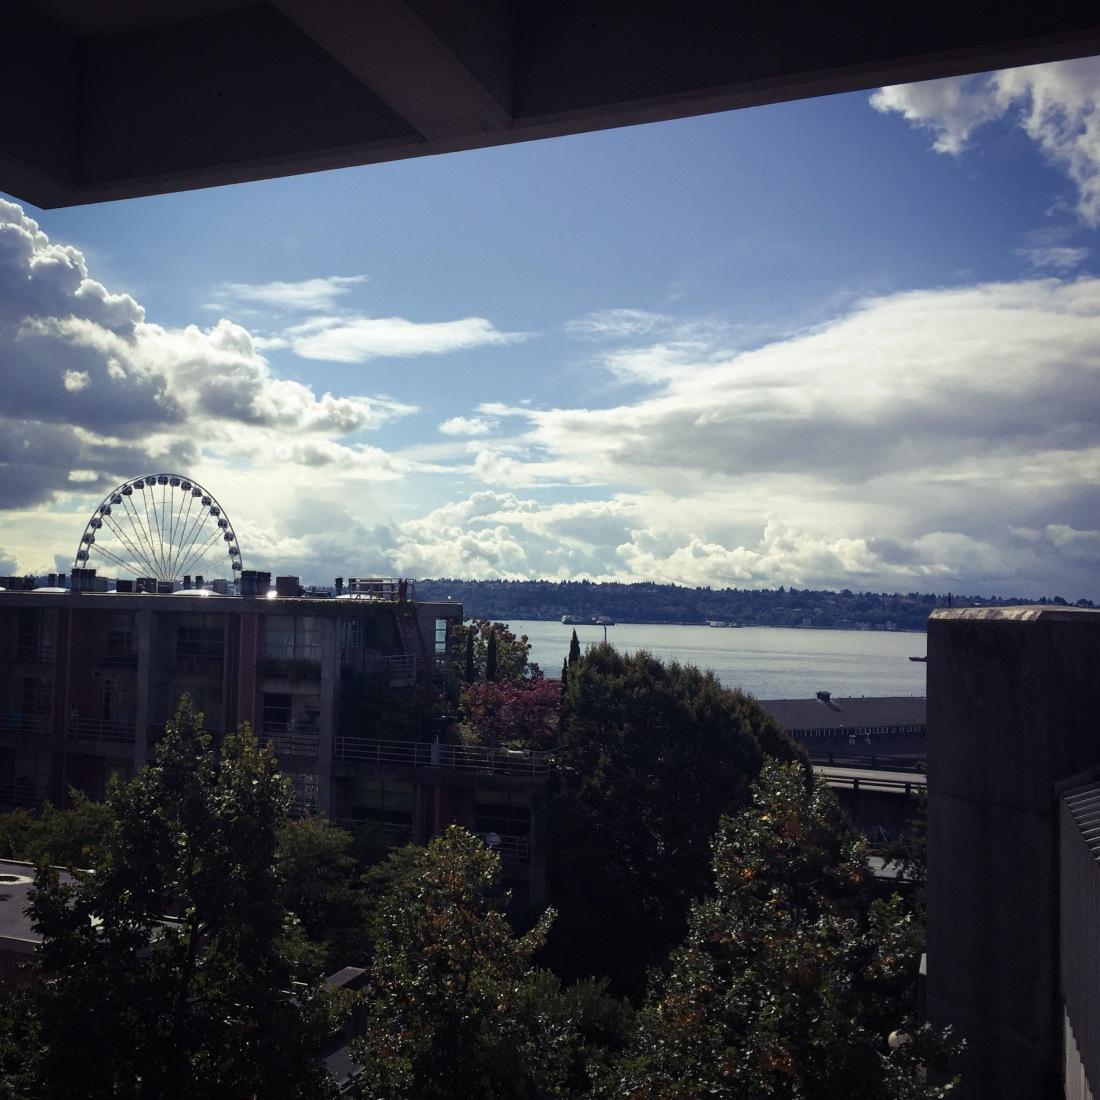 Ferris Wheel, Seattle Waterfront